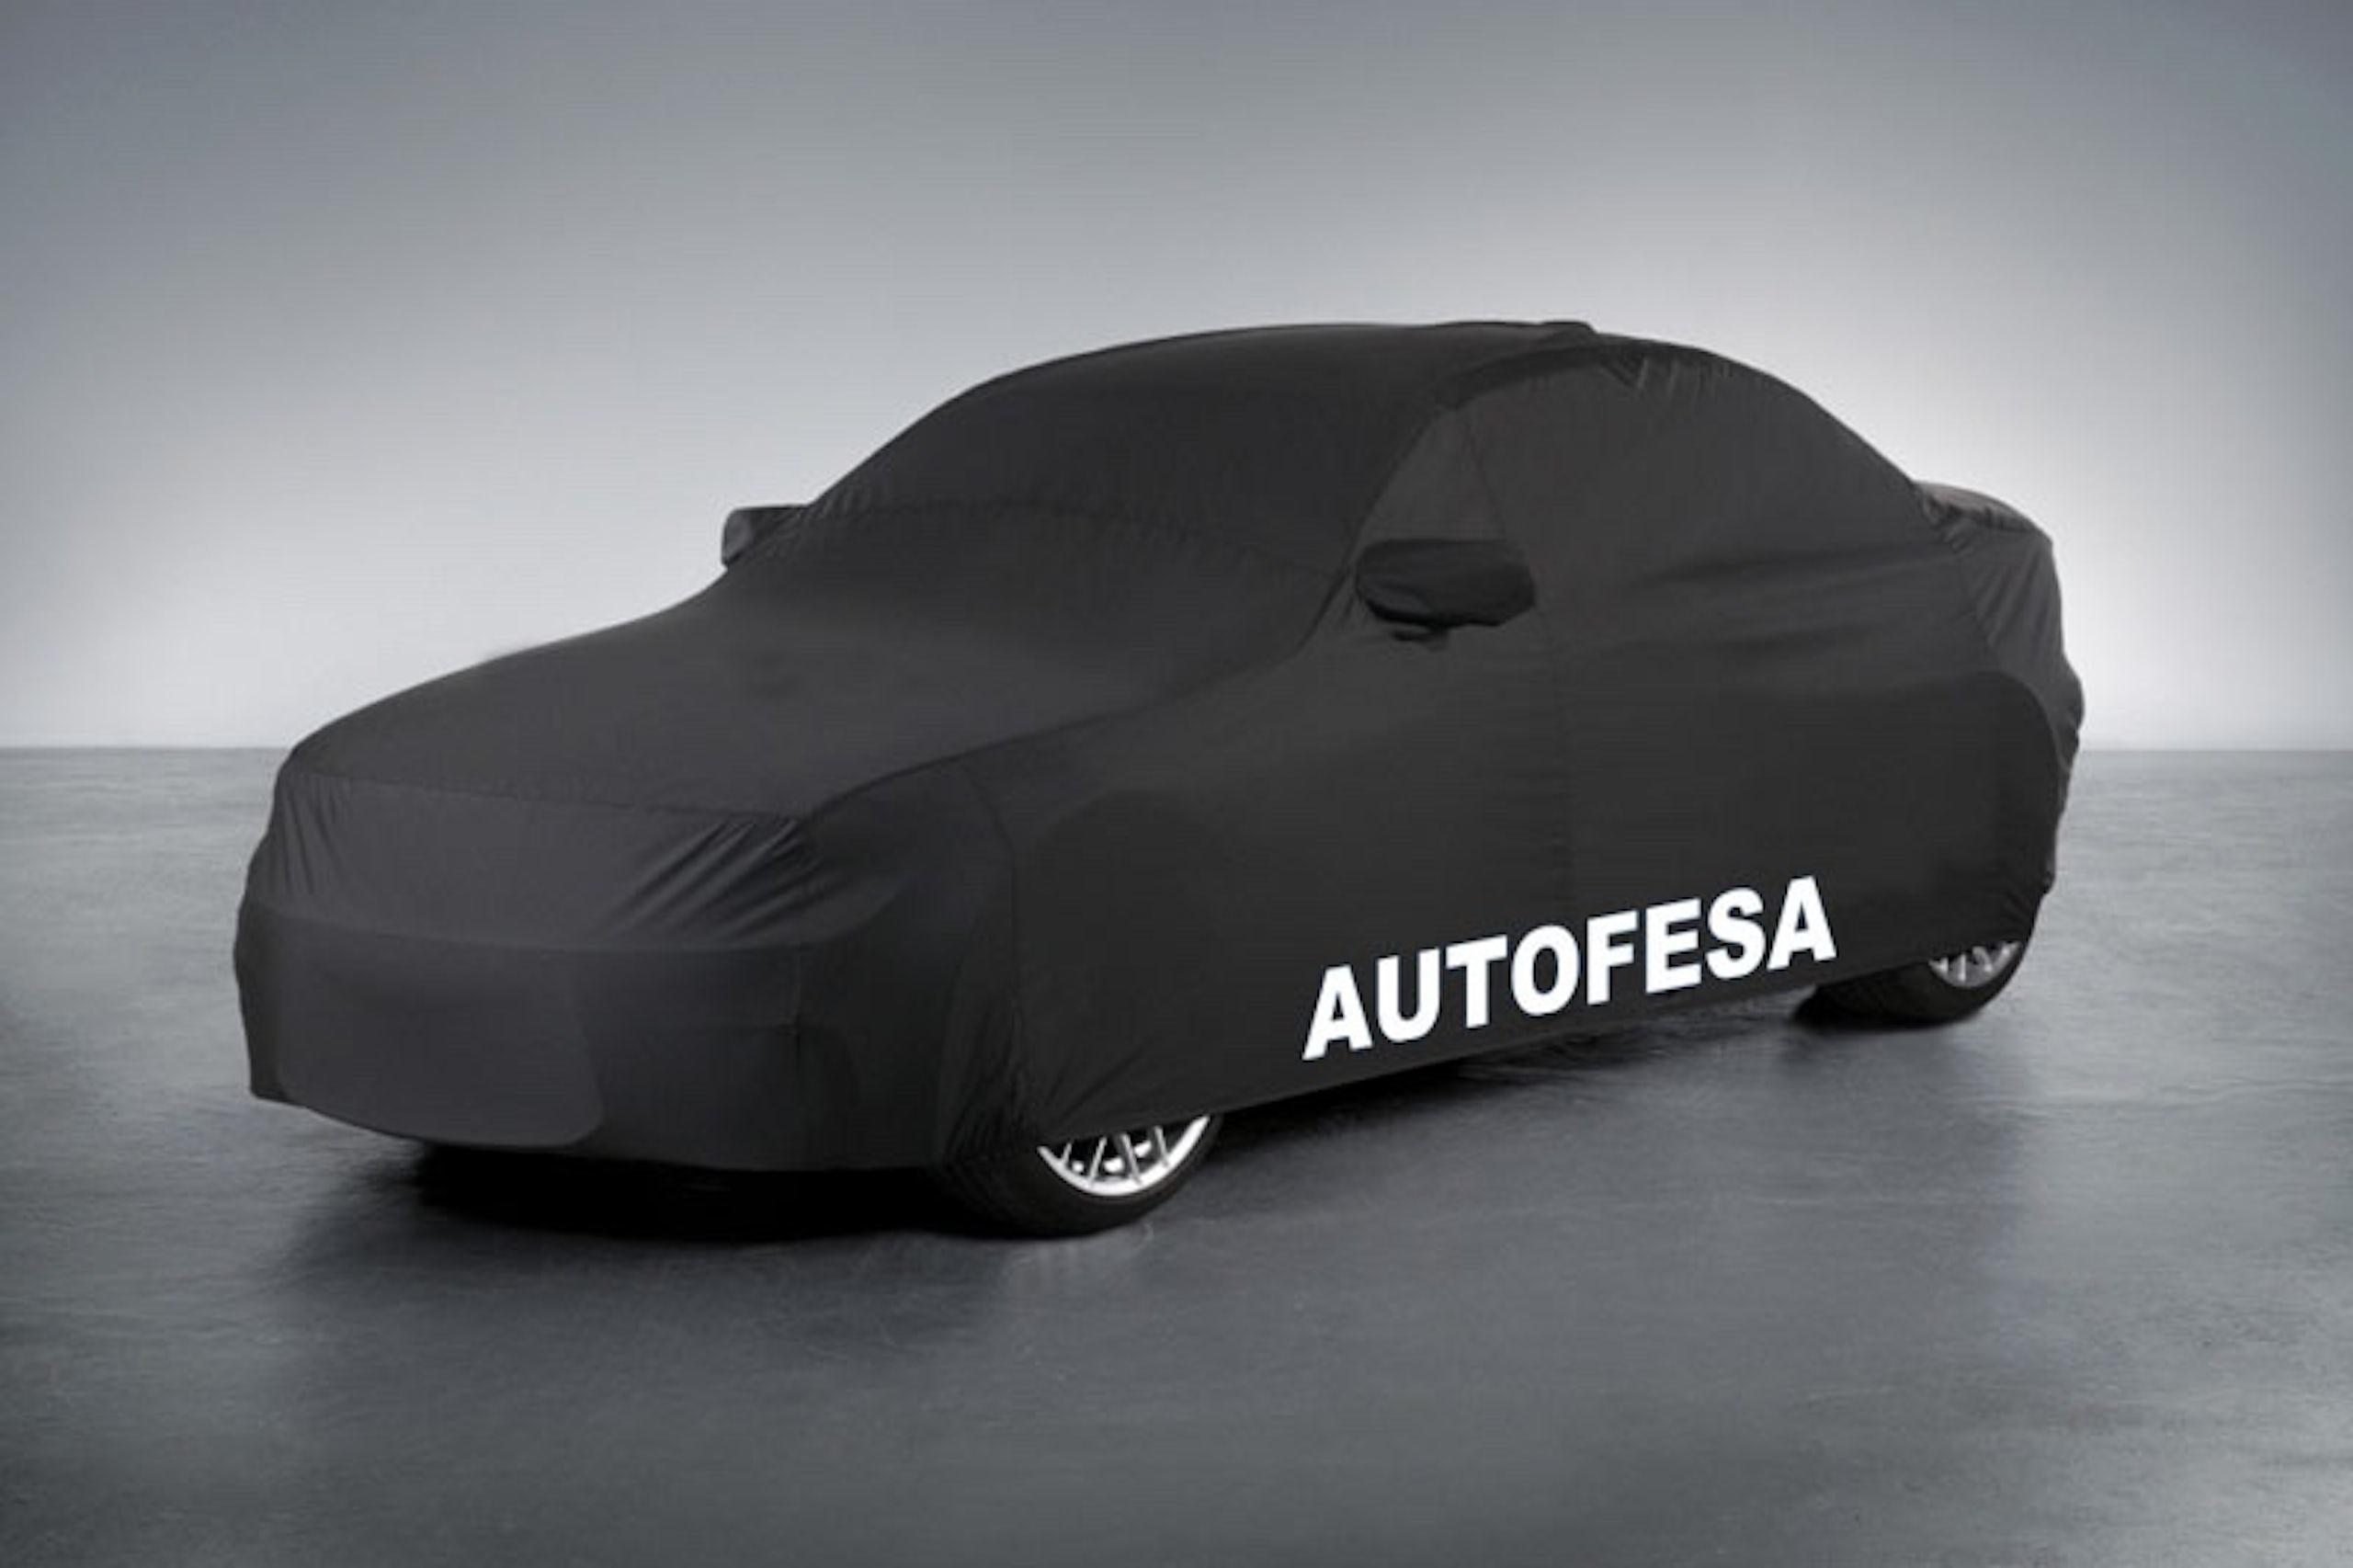 Mercedes-benz GLA 250 2.0 DCT 211cv AMG 4MATIC 7G Auto - Foto 27